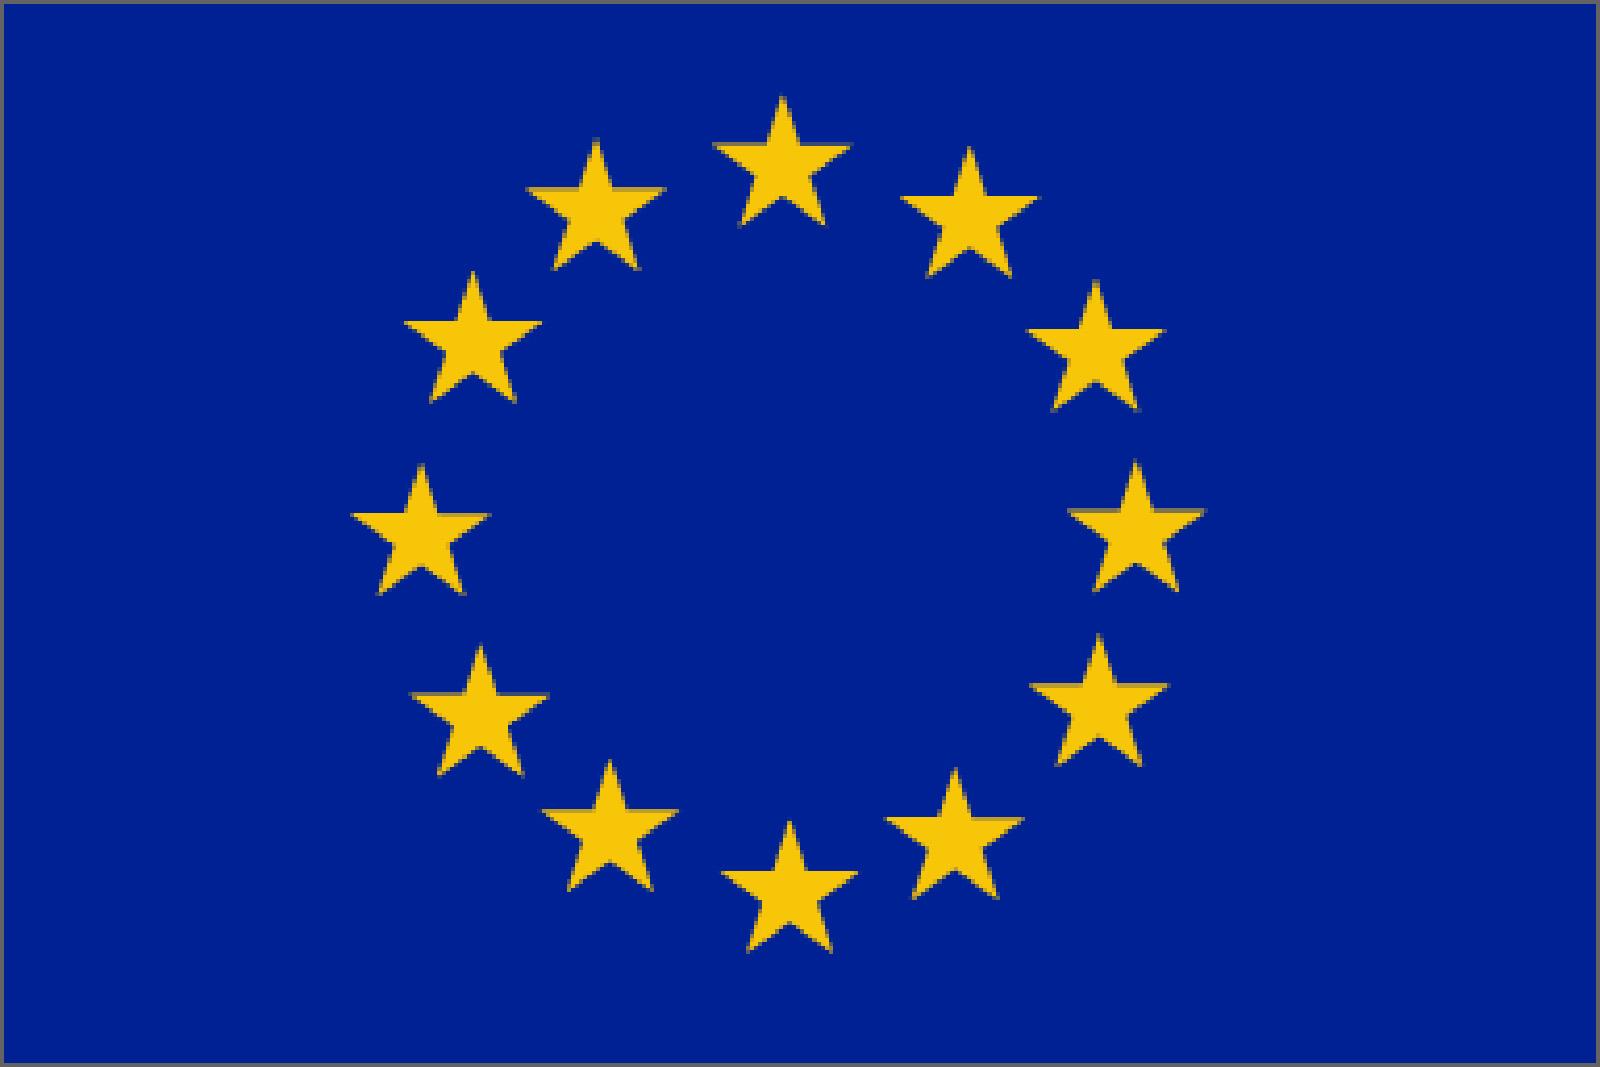 Europese eenwording